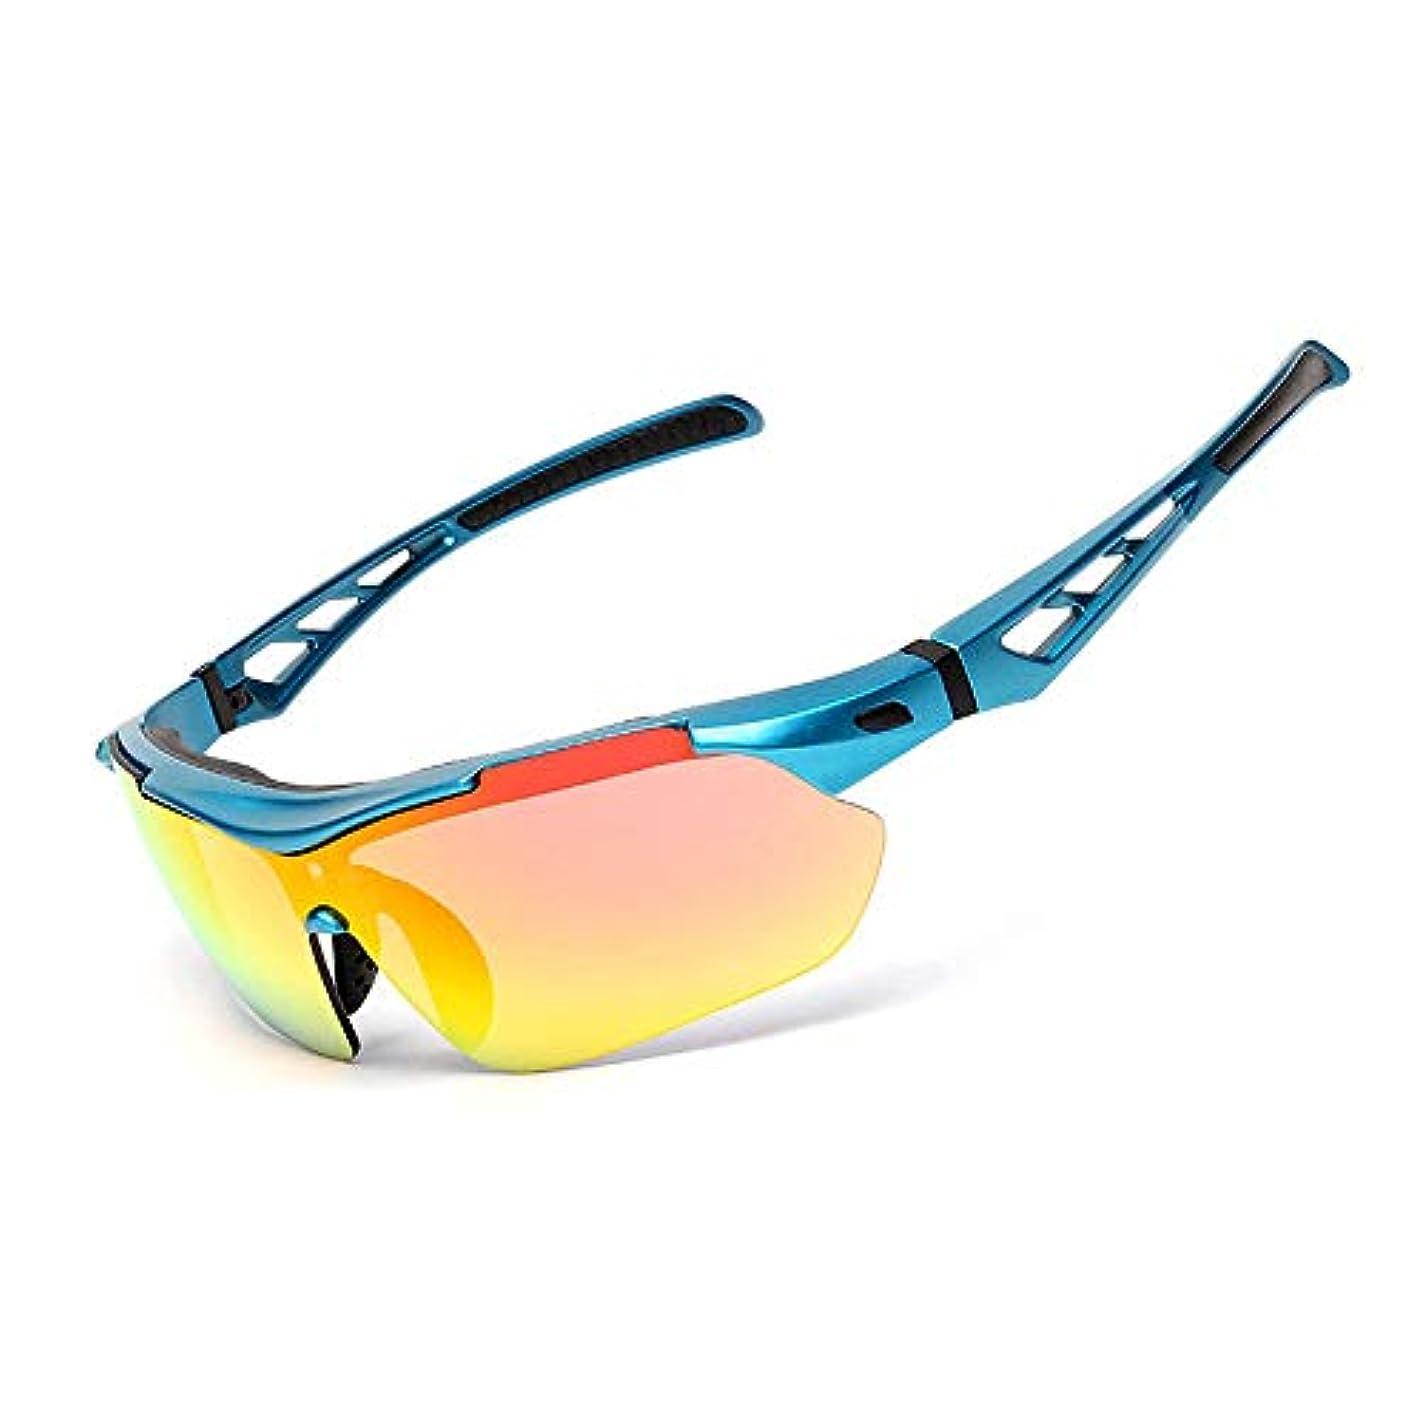 楽観線形ラフサイクリングメガネ 男性と女性の乗馬用ゴーグルサングラスランニングメガネUVプロテクション男性と女性のスポーツメガネ (Color : Blue)